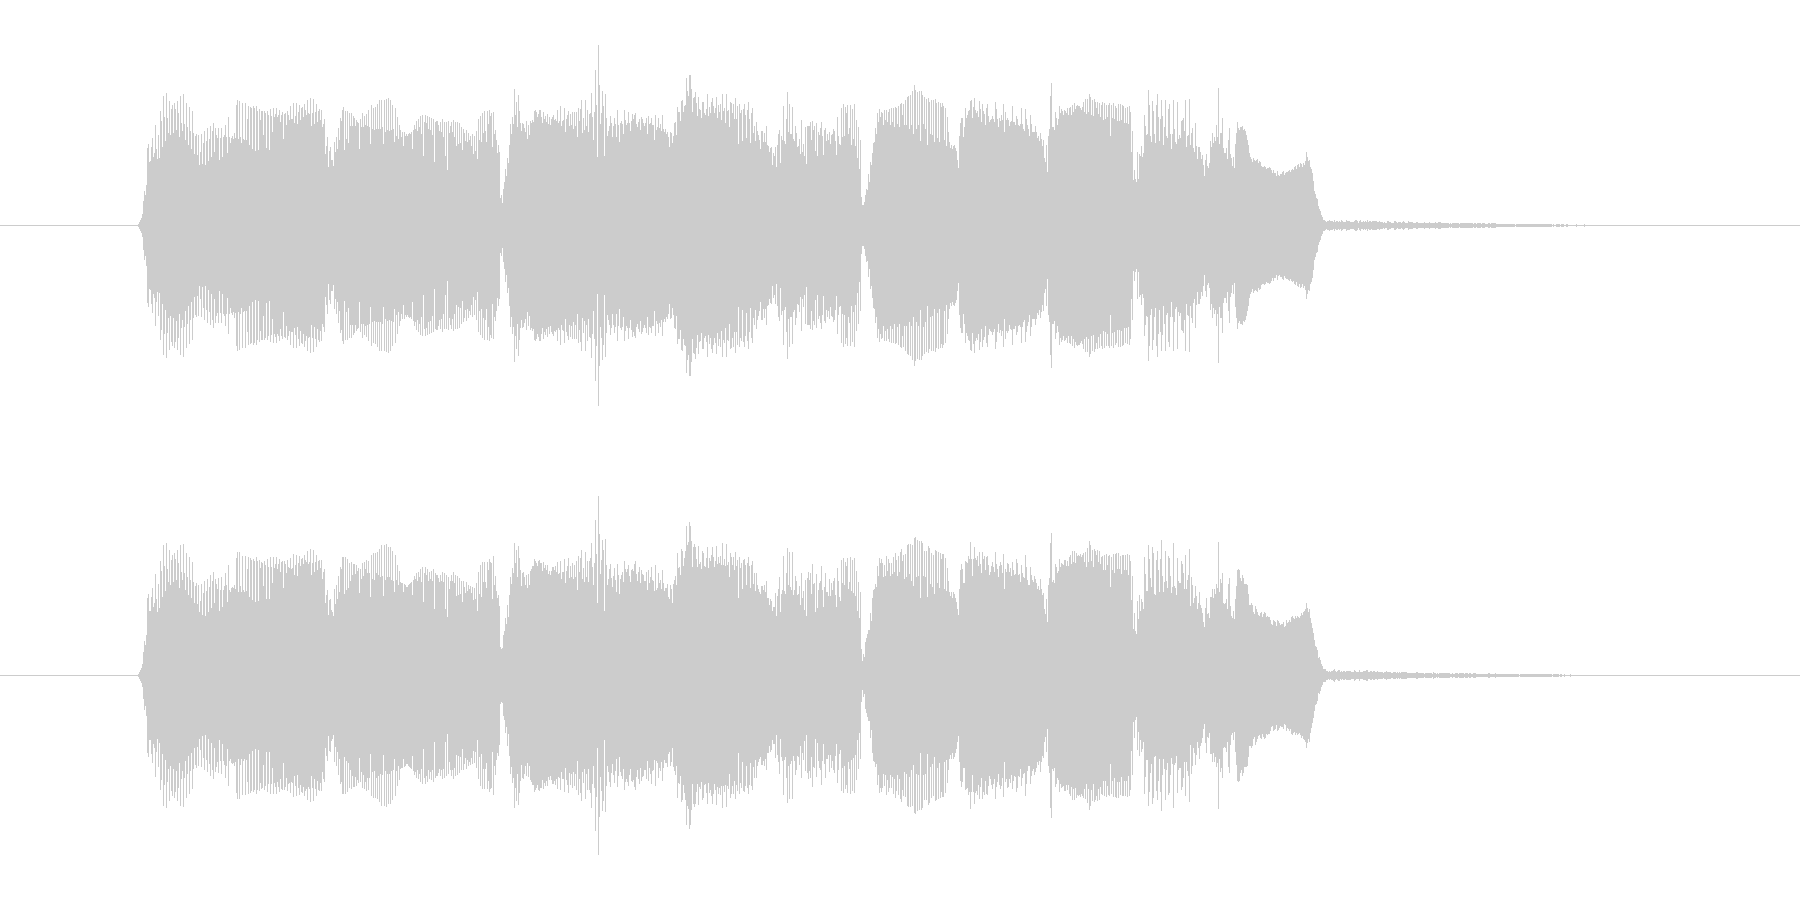 明るいオルガン音(ジングル、転換)の未再生の波形